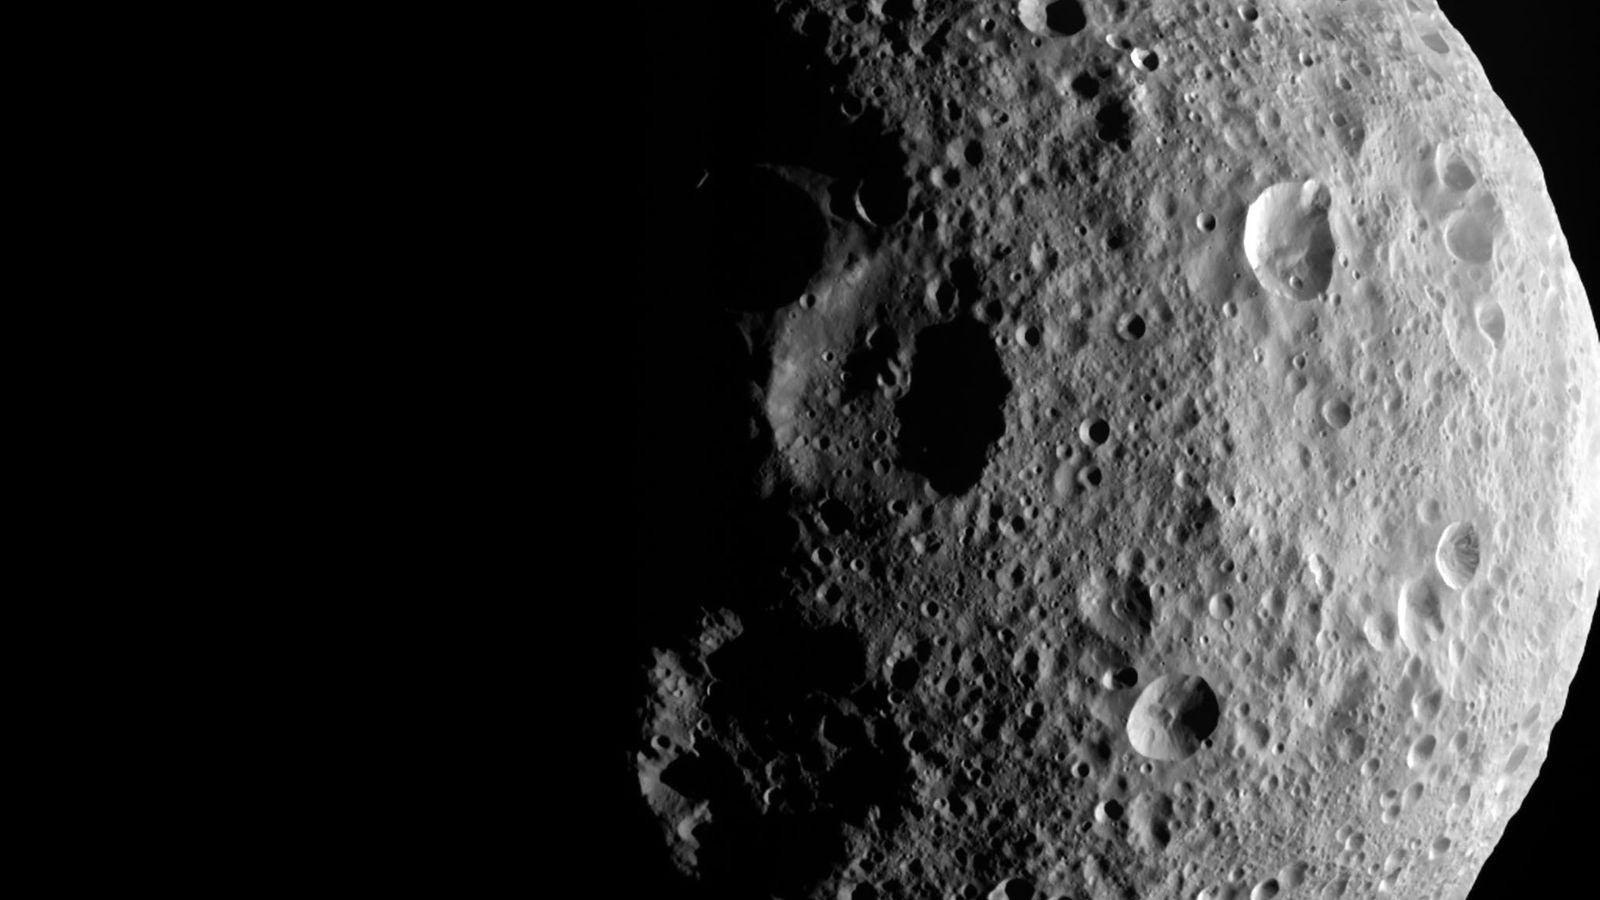 Auf diesem Bild der NASA-Raumsonde Dawn sind die schattigen Umrisse der nördlichen Region Vestas erkennbar.